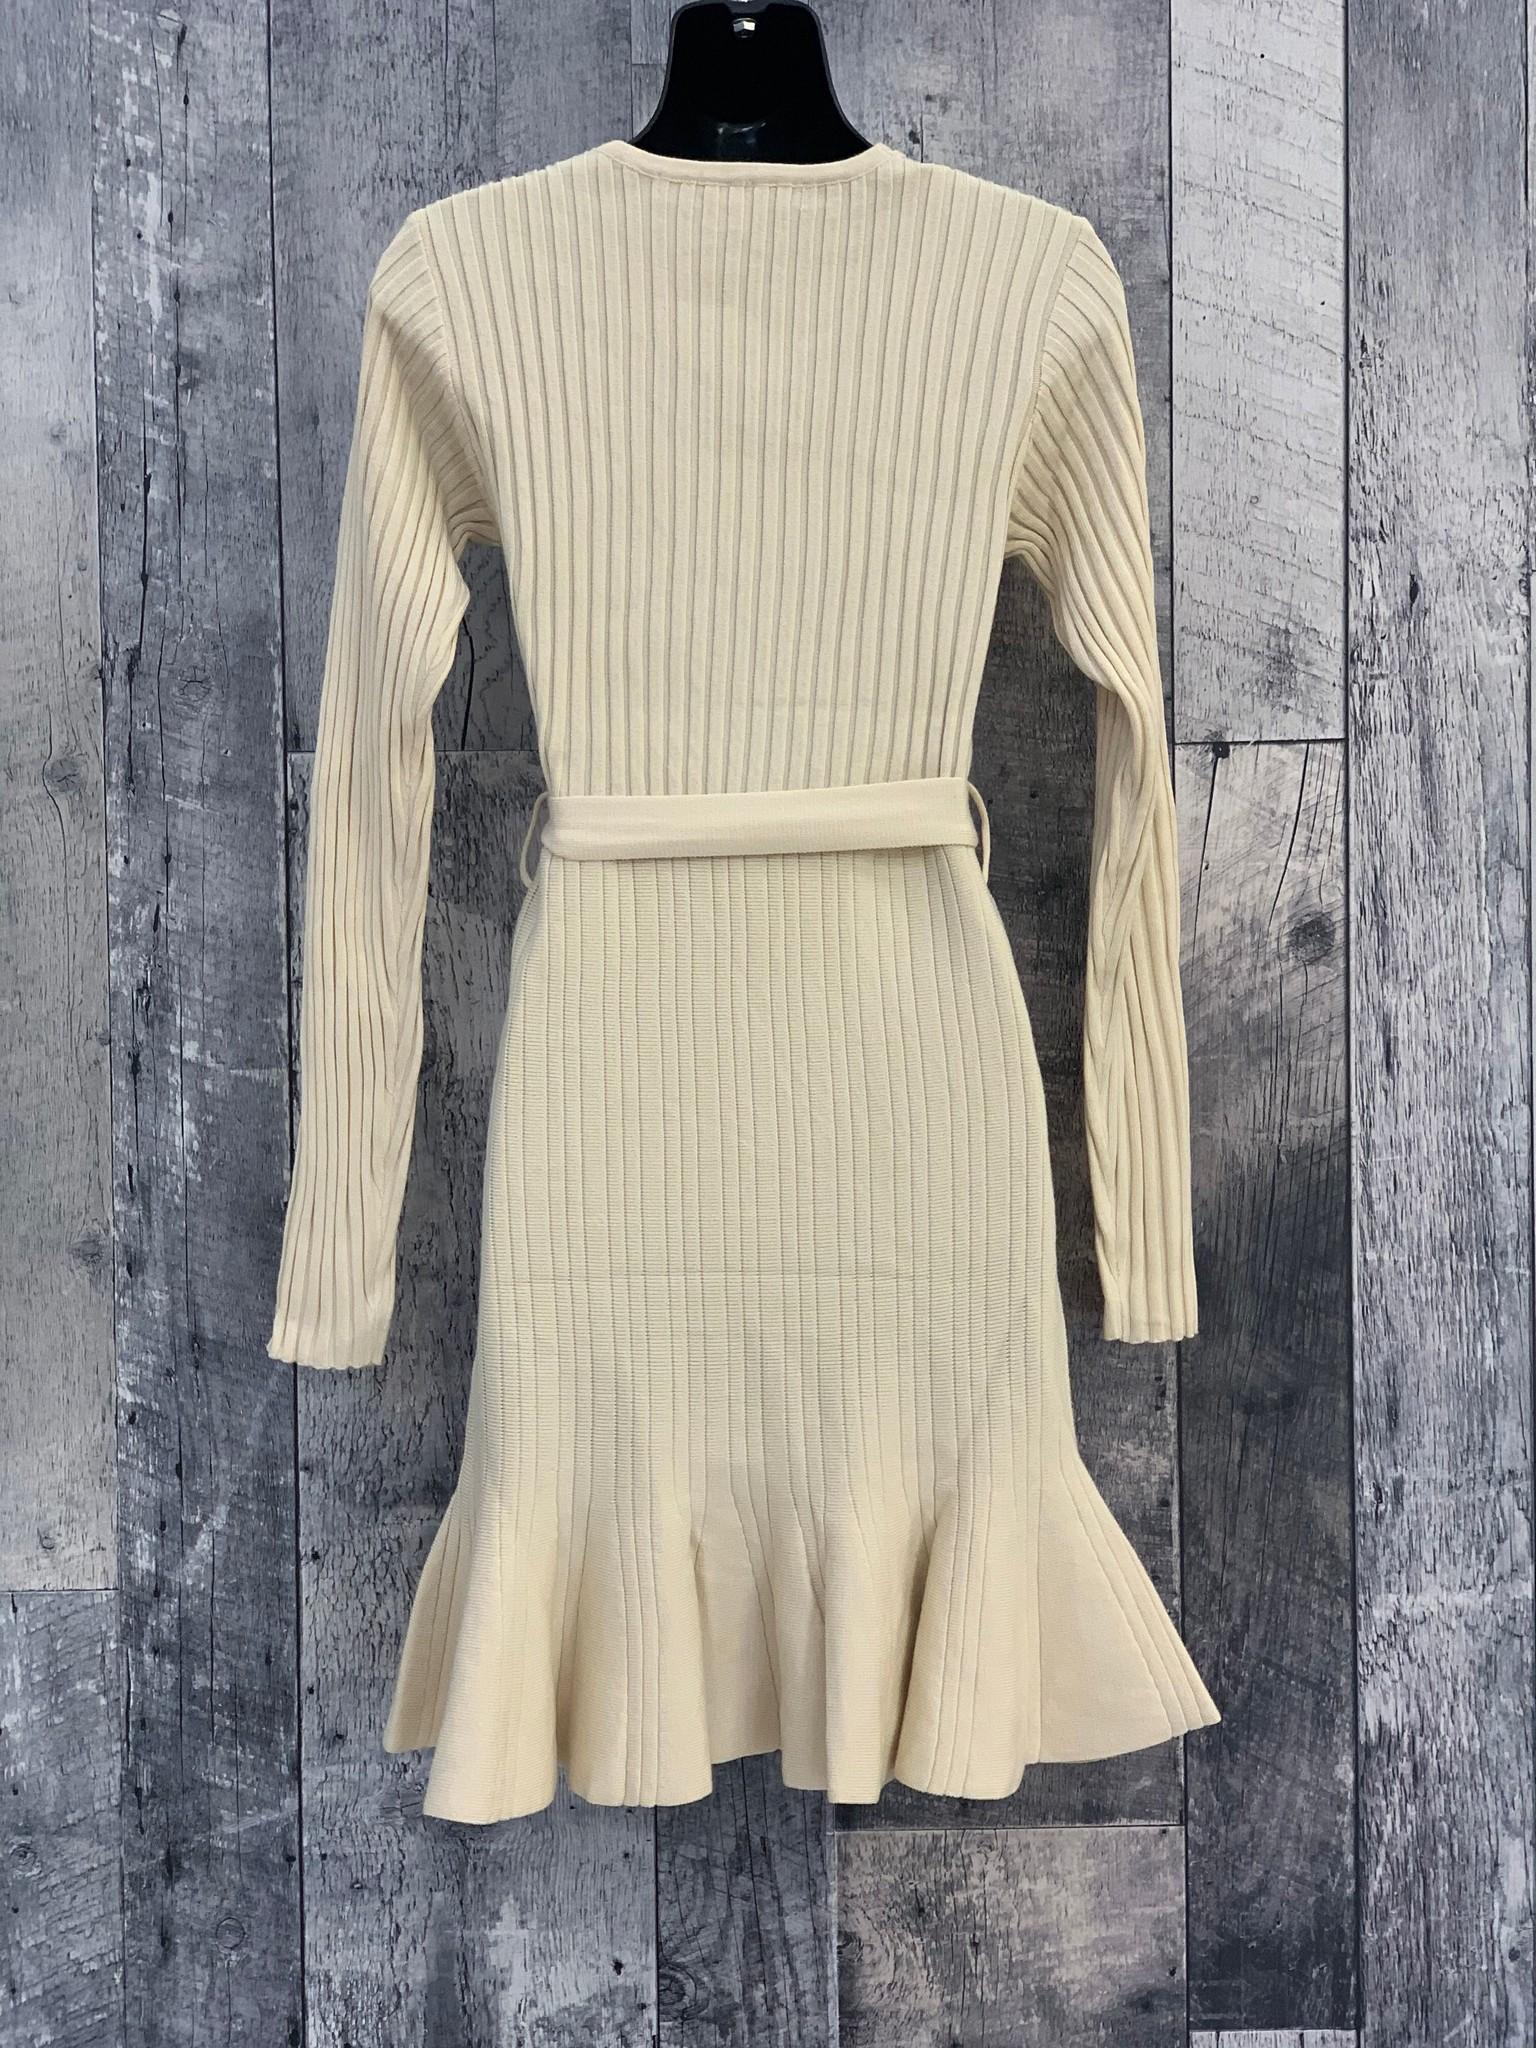 Helen sweater dress